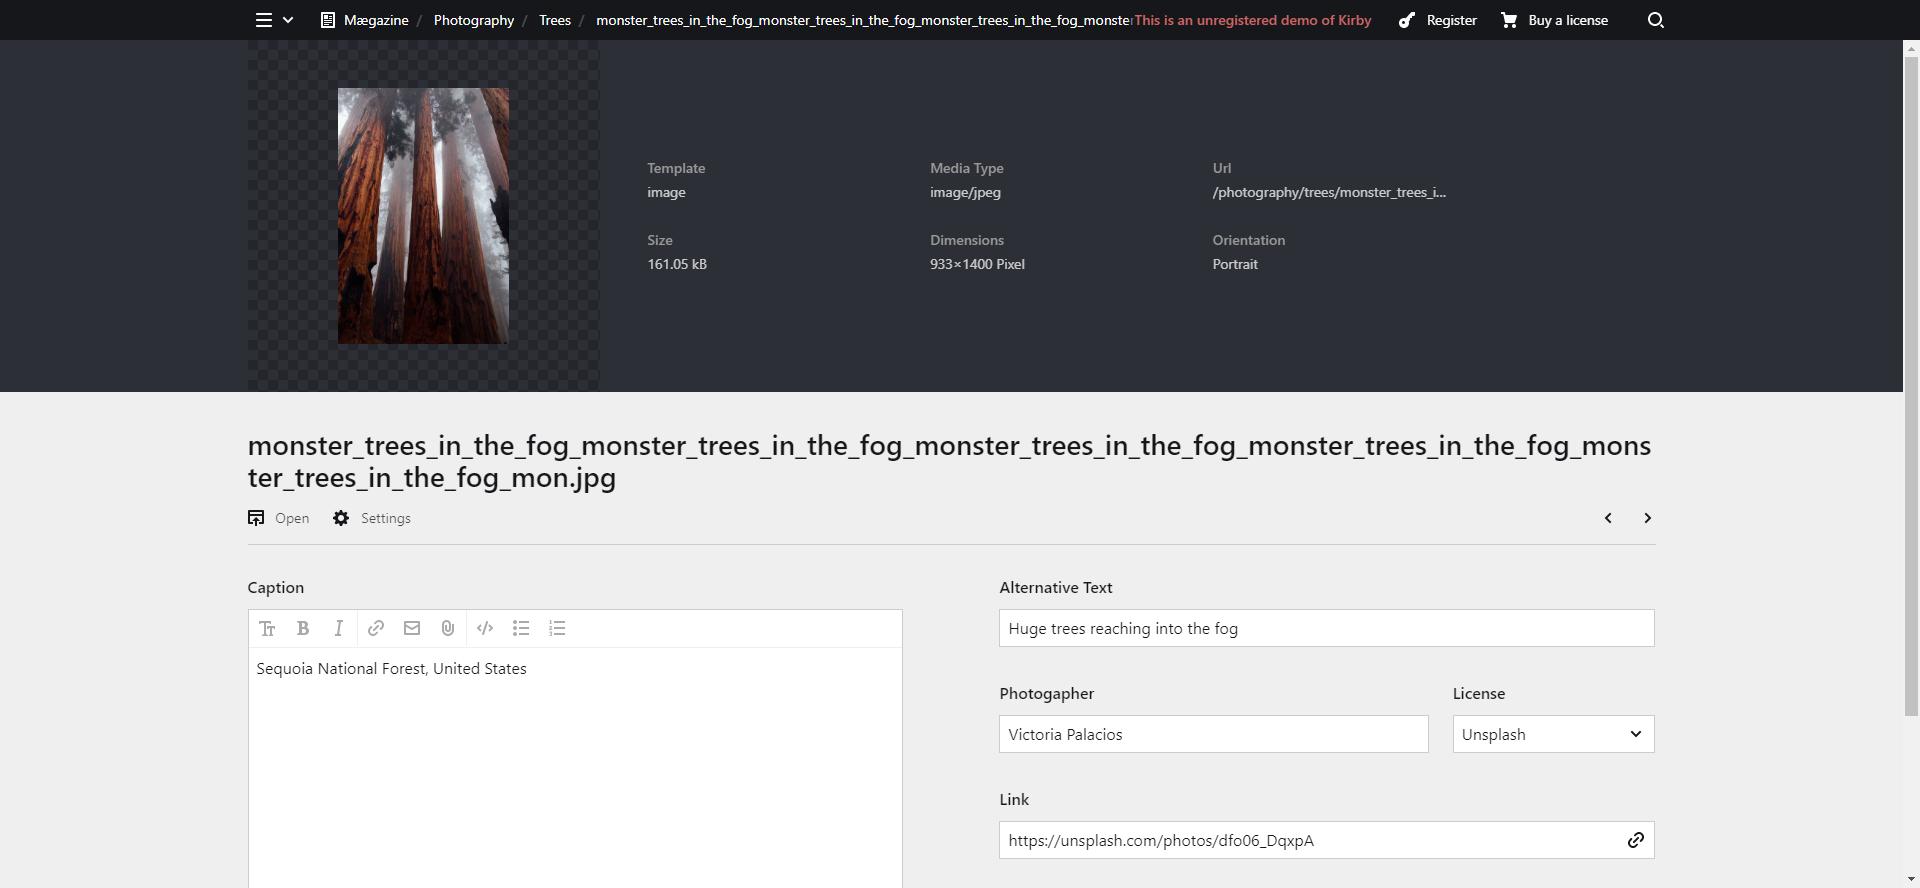 FireShot Capture 009 - monster_trees_in_the_fog_monster_trees_in_the_fog_monster_trees_in_th_ - localhost